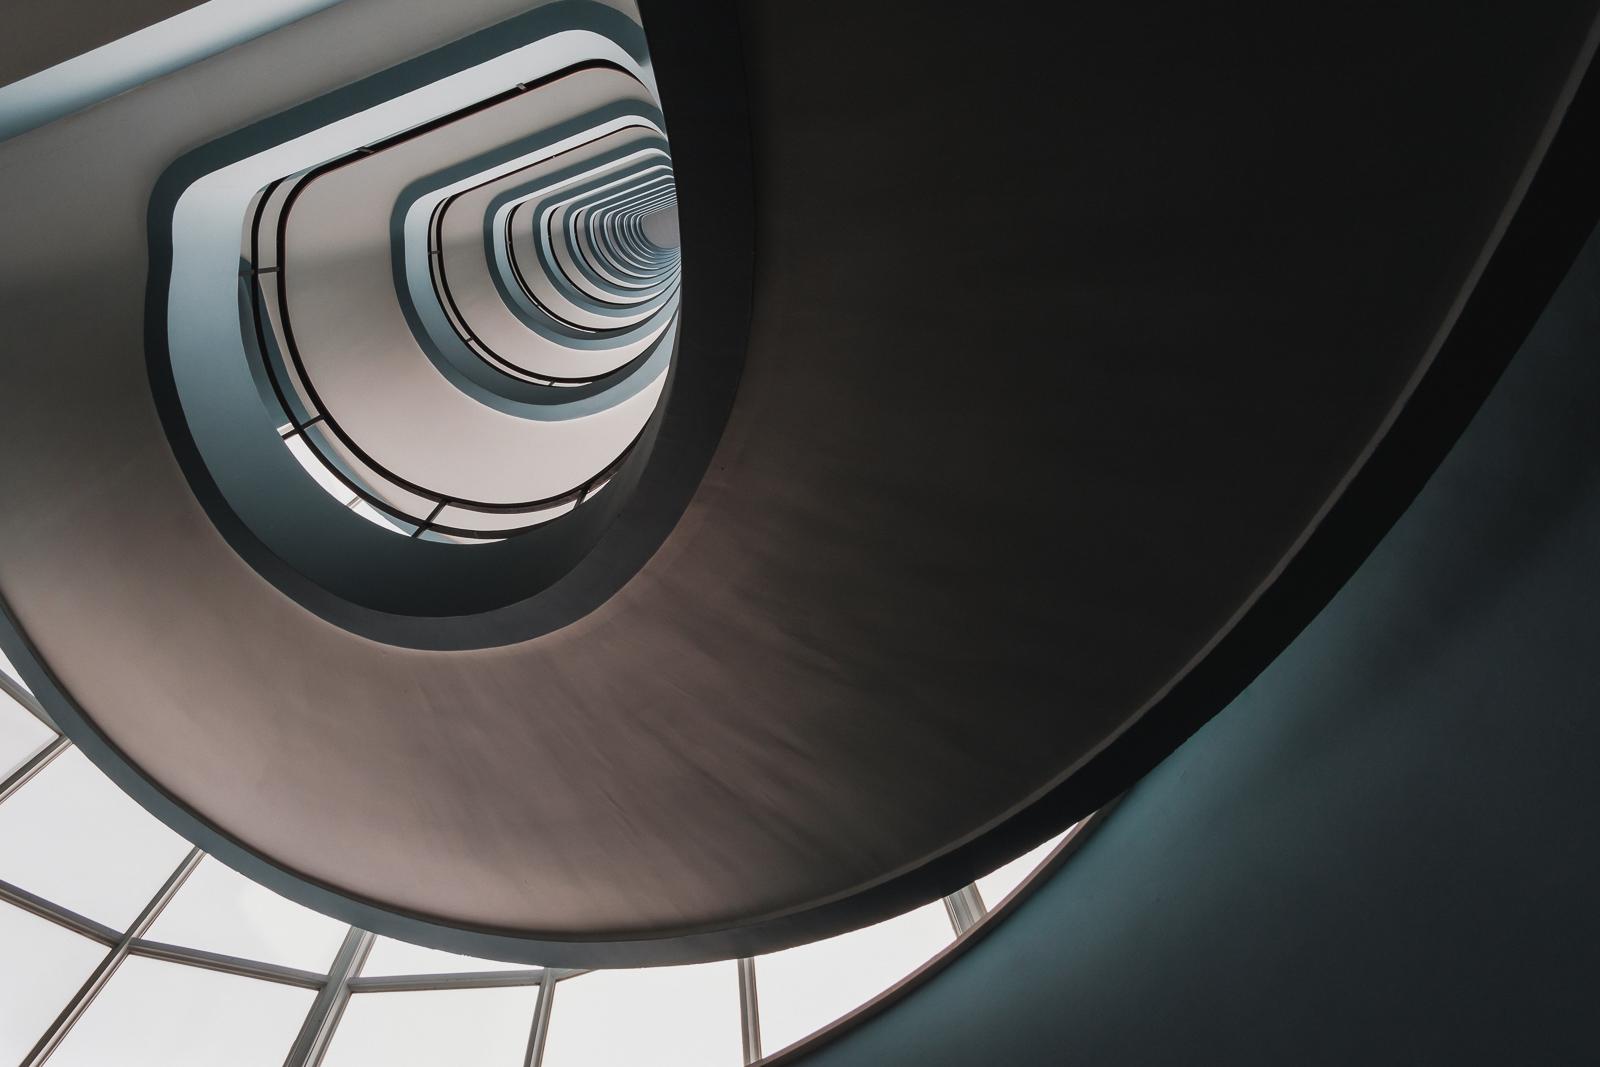 interieurfotograaf iso800 sfeerbeelden eigen kijk lijnen abstrac